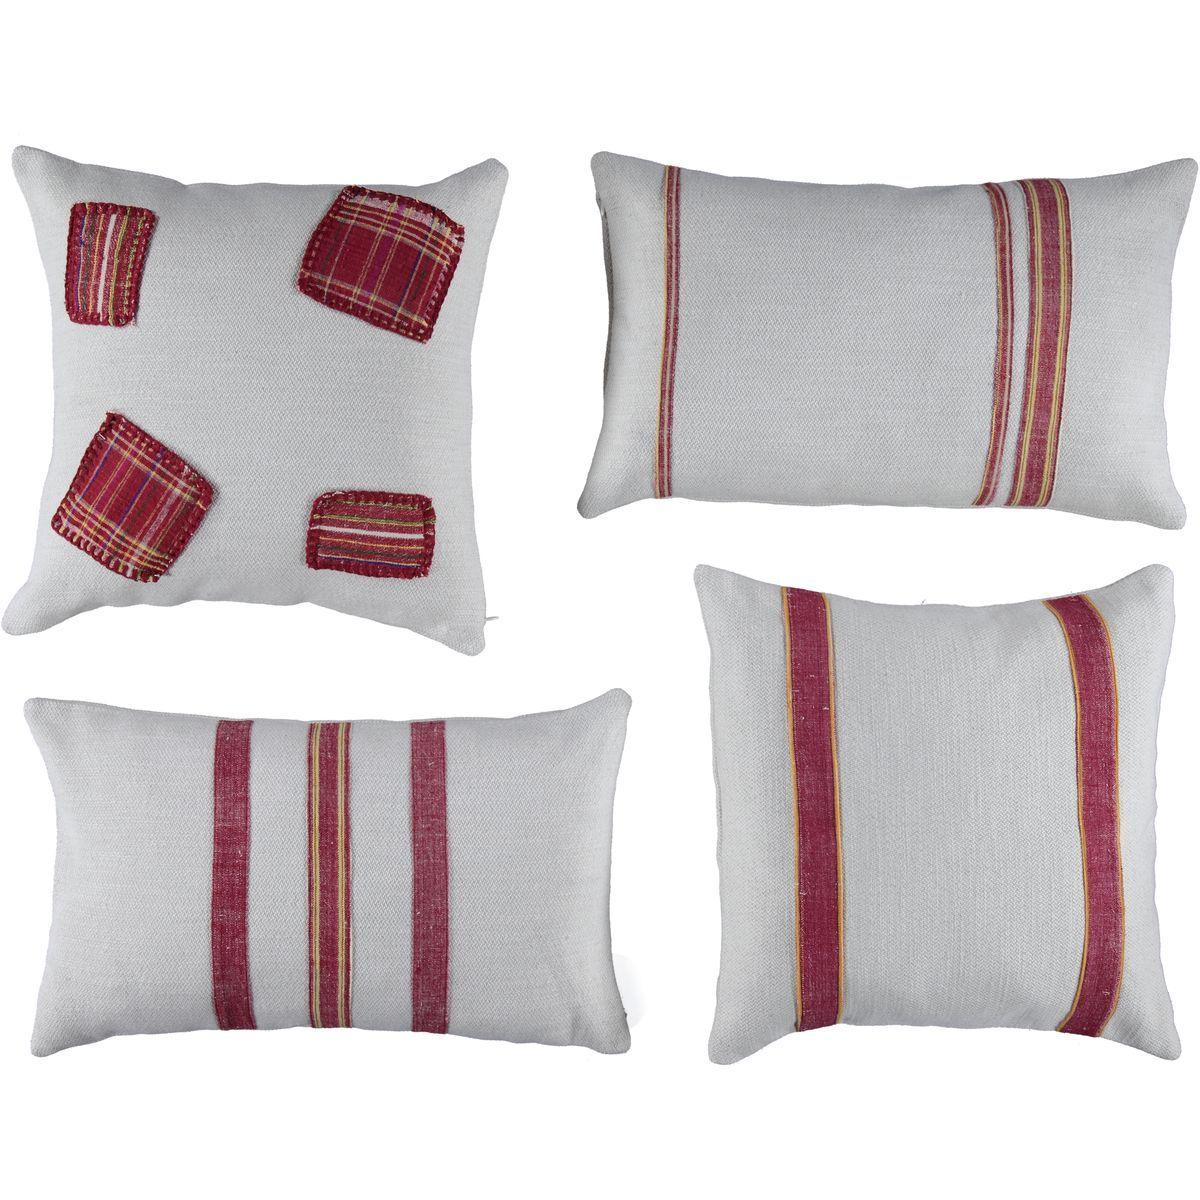 Cushion Cover / Bihter - Bordeaux Stripes